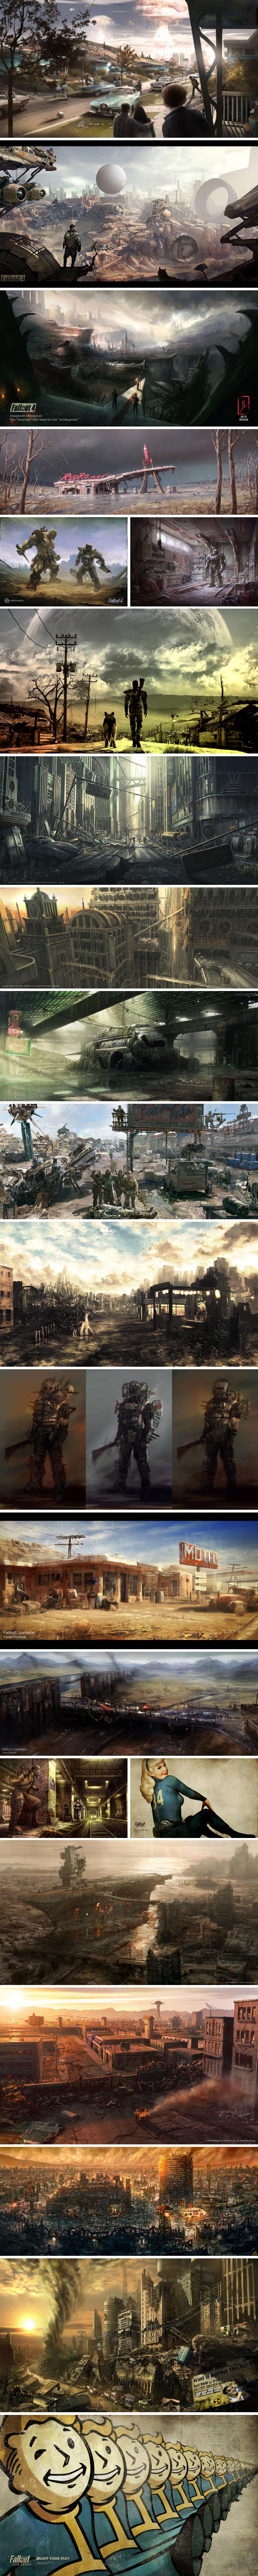 Fallout 4 подборка концепт артов